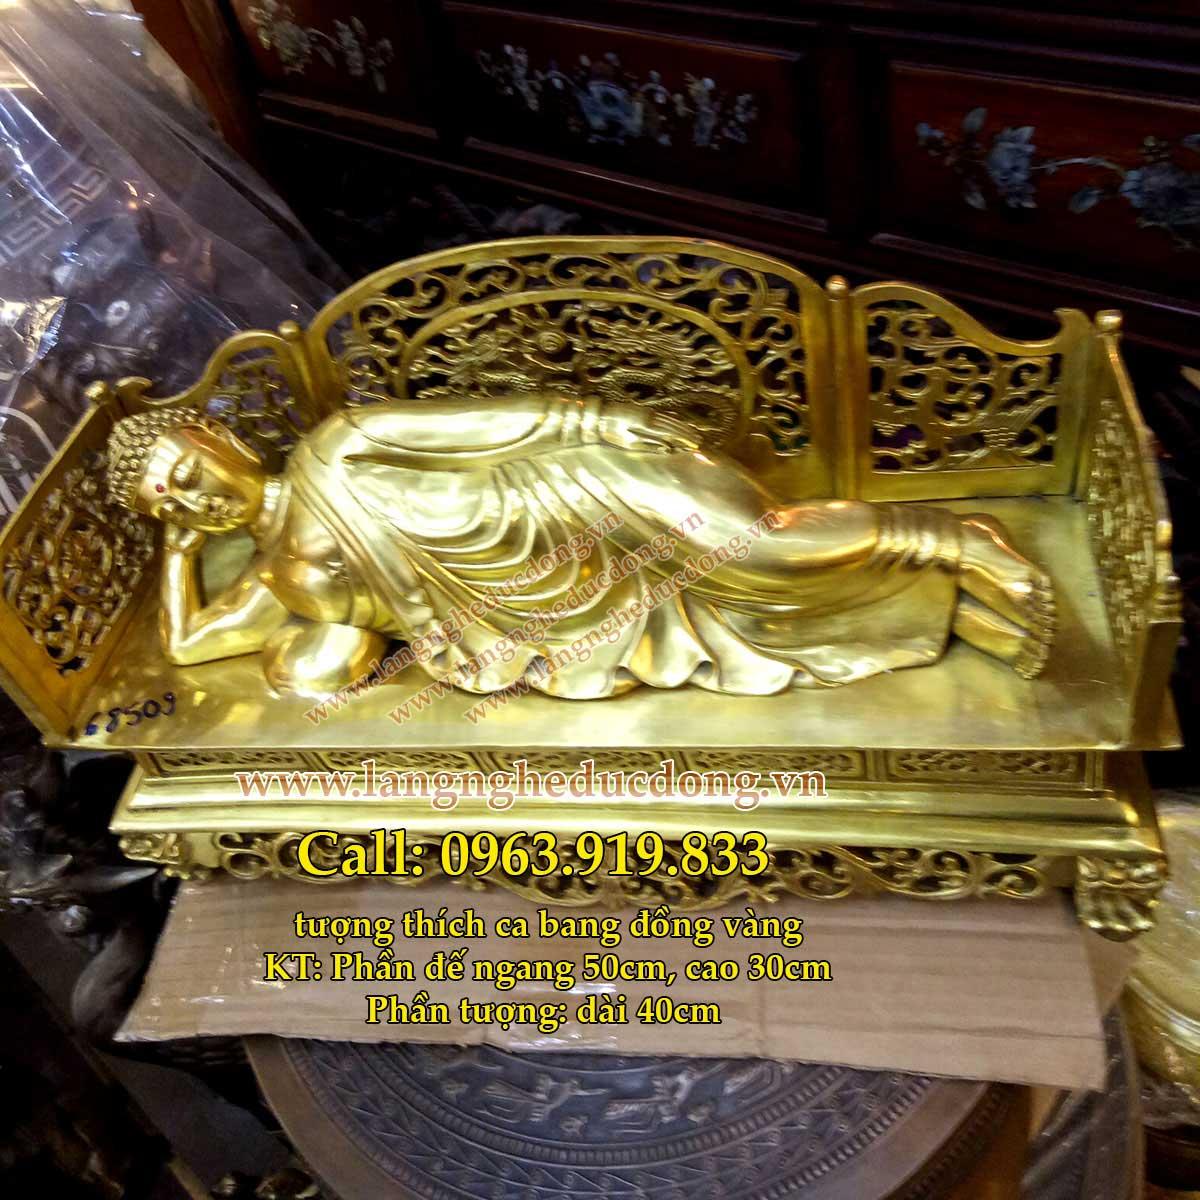 langngheducdong.vn - tượng phật, tượng đồng, tượng phật thích ca, đúc tượng phật